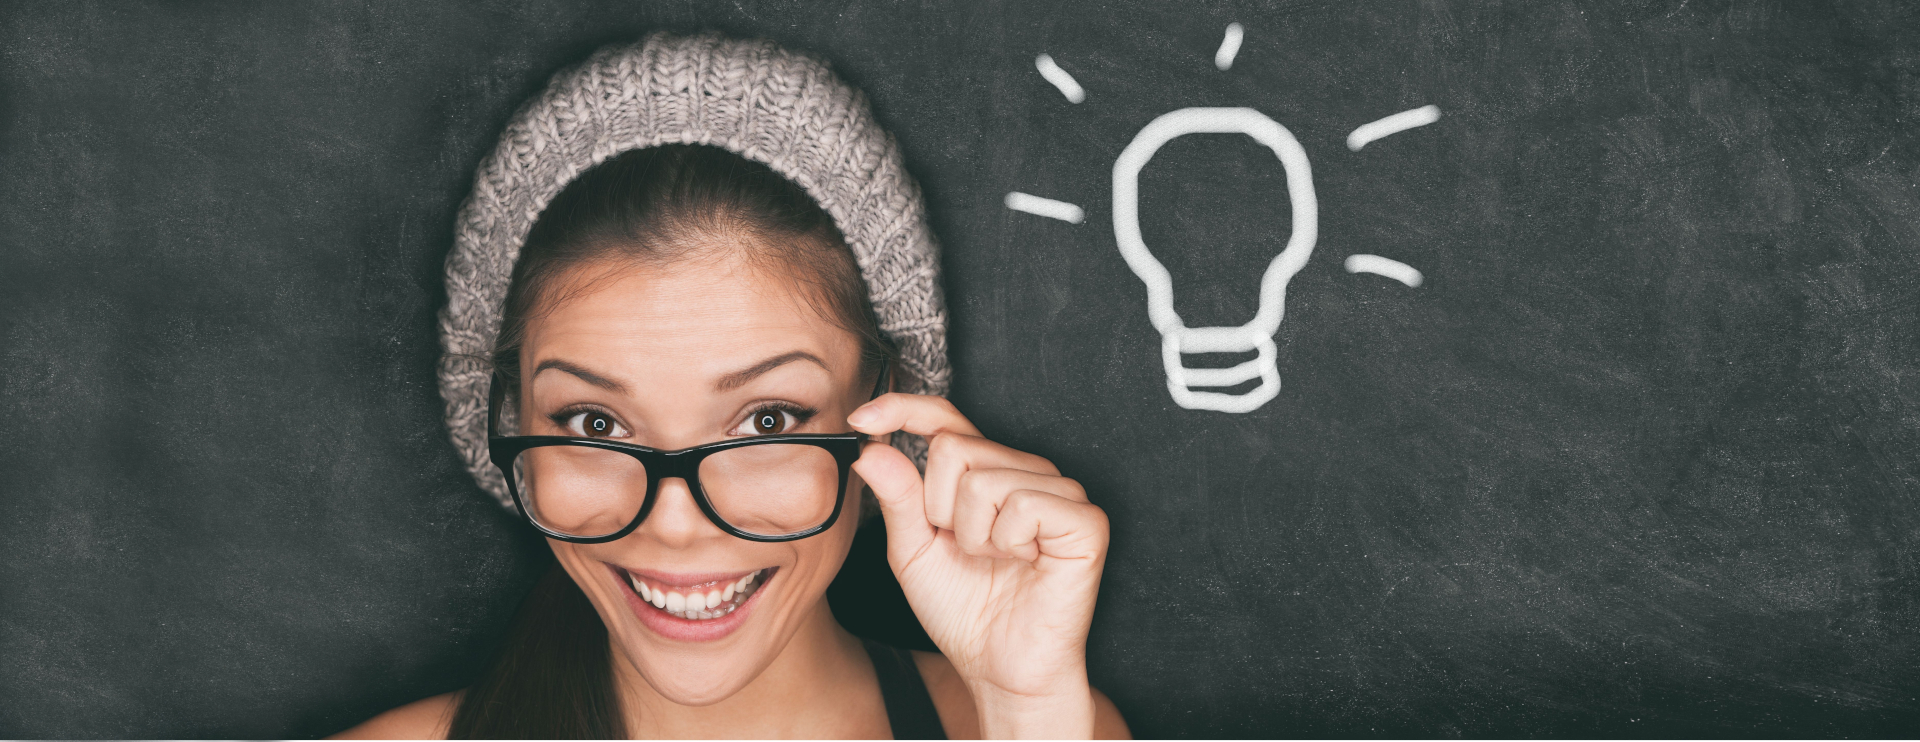 Realschulabschluss online vorbereiten? Ja, das geht!